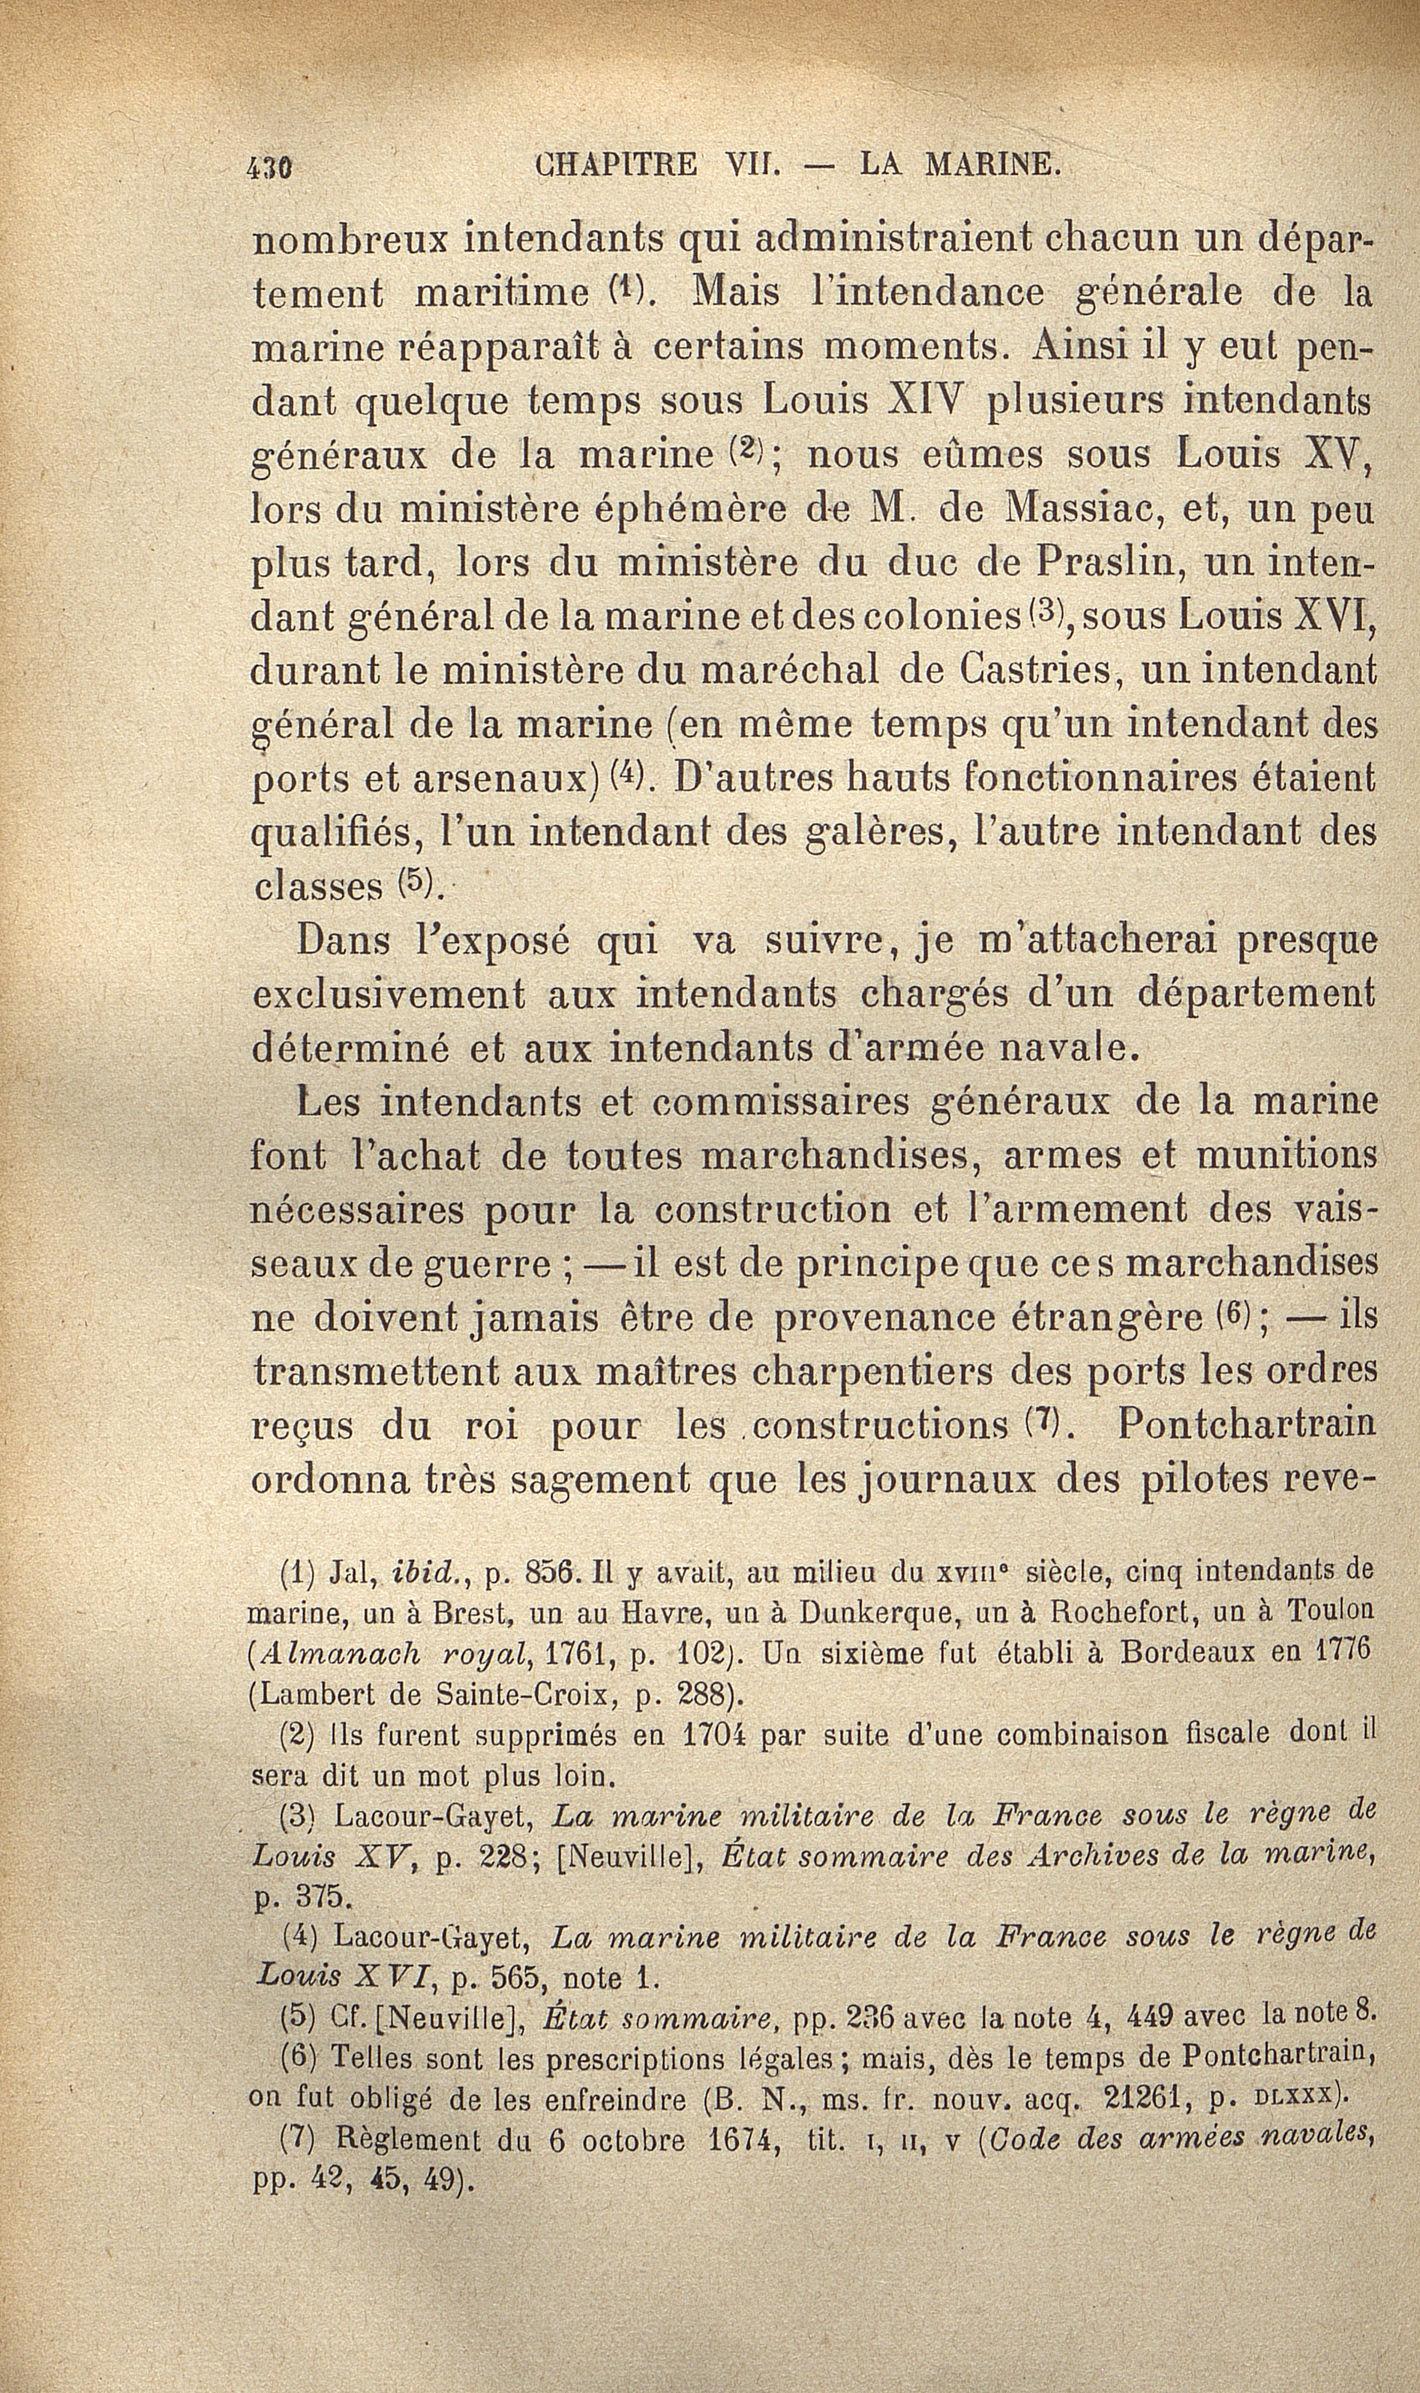 http://expo-paulviollet.univ-paris1.fr/wp-content/uploads/2016/02/0605381272_0444.jpg